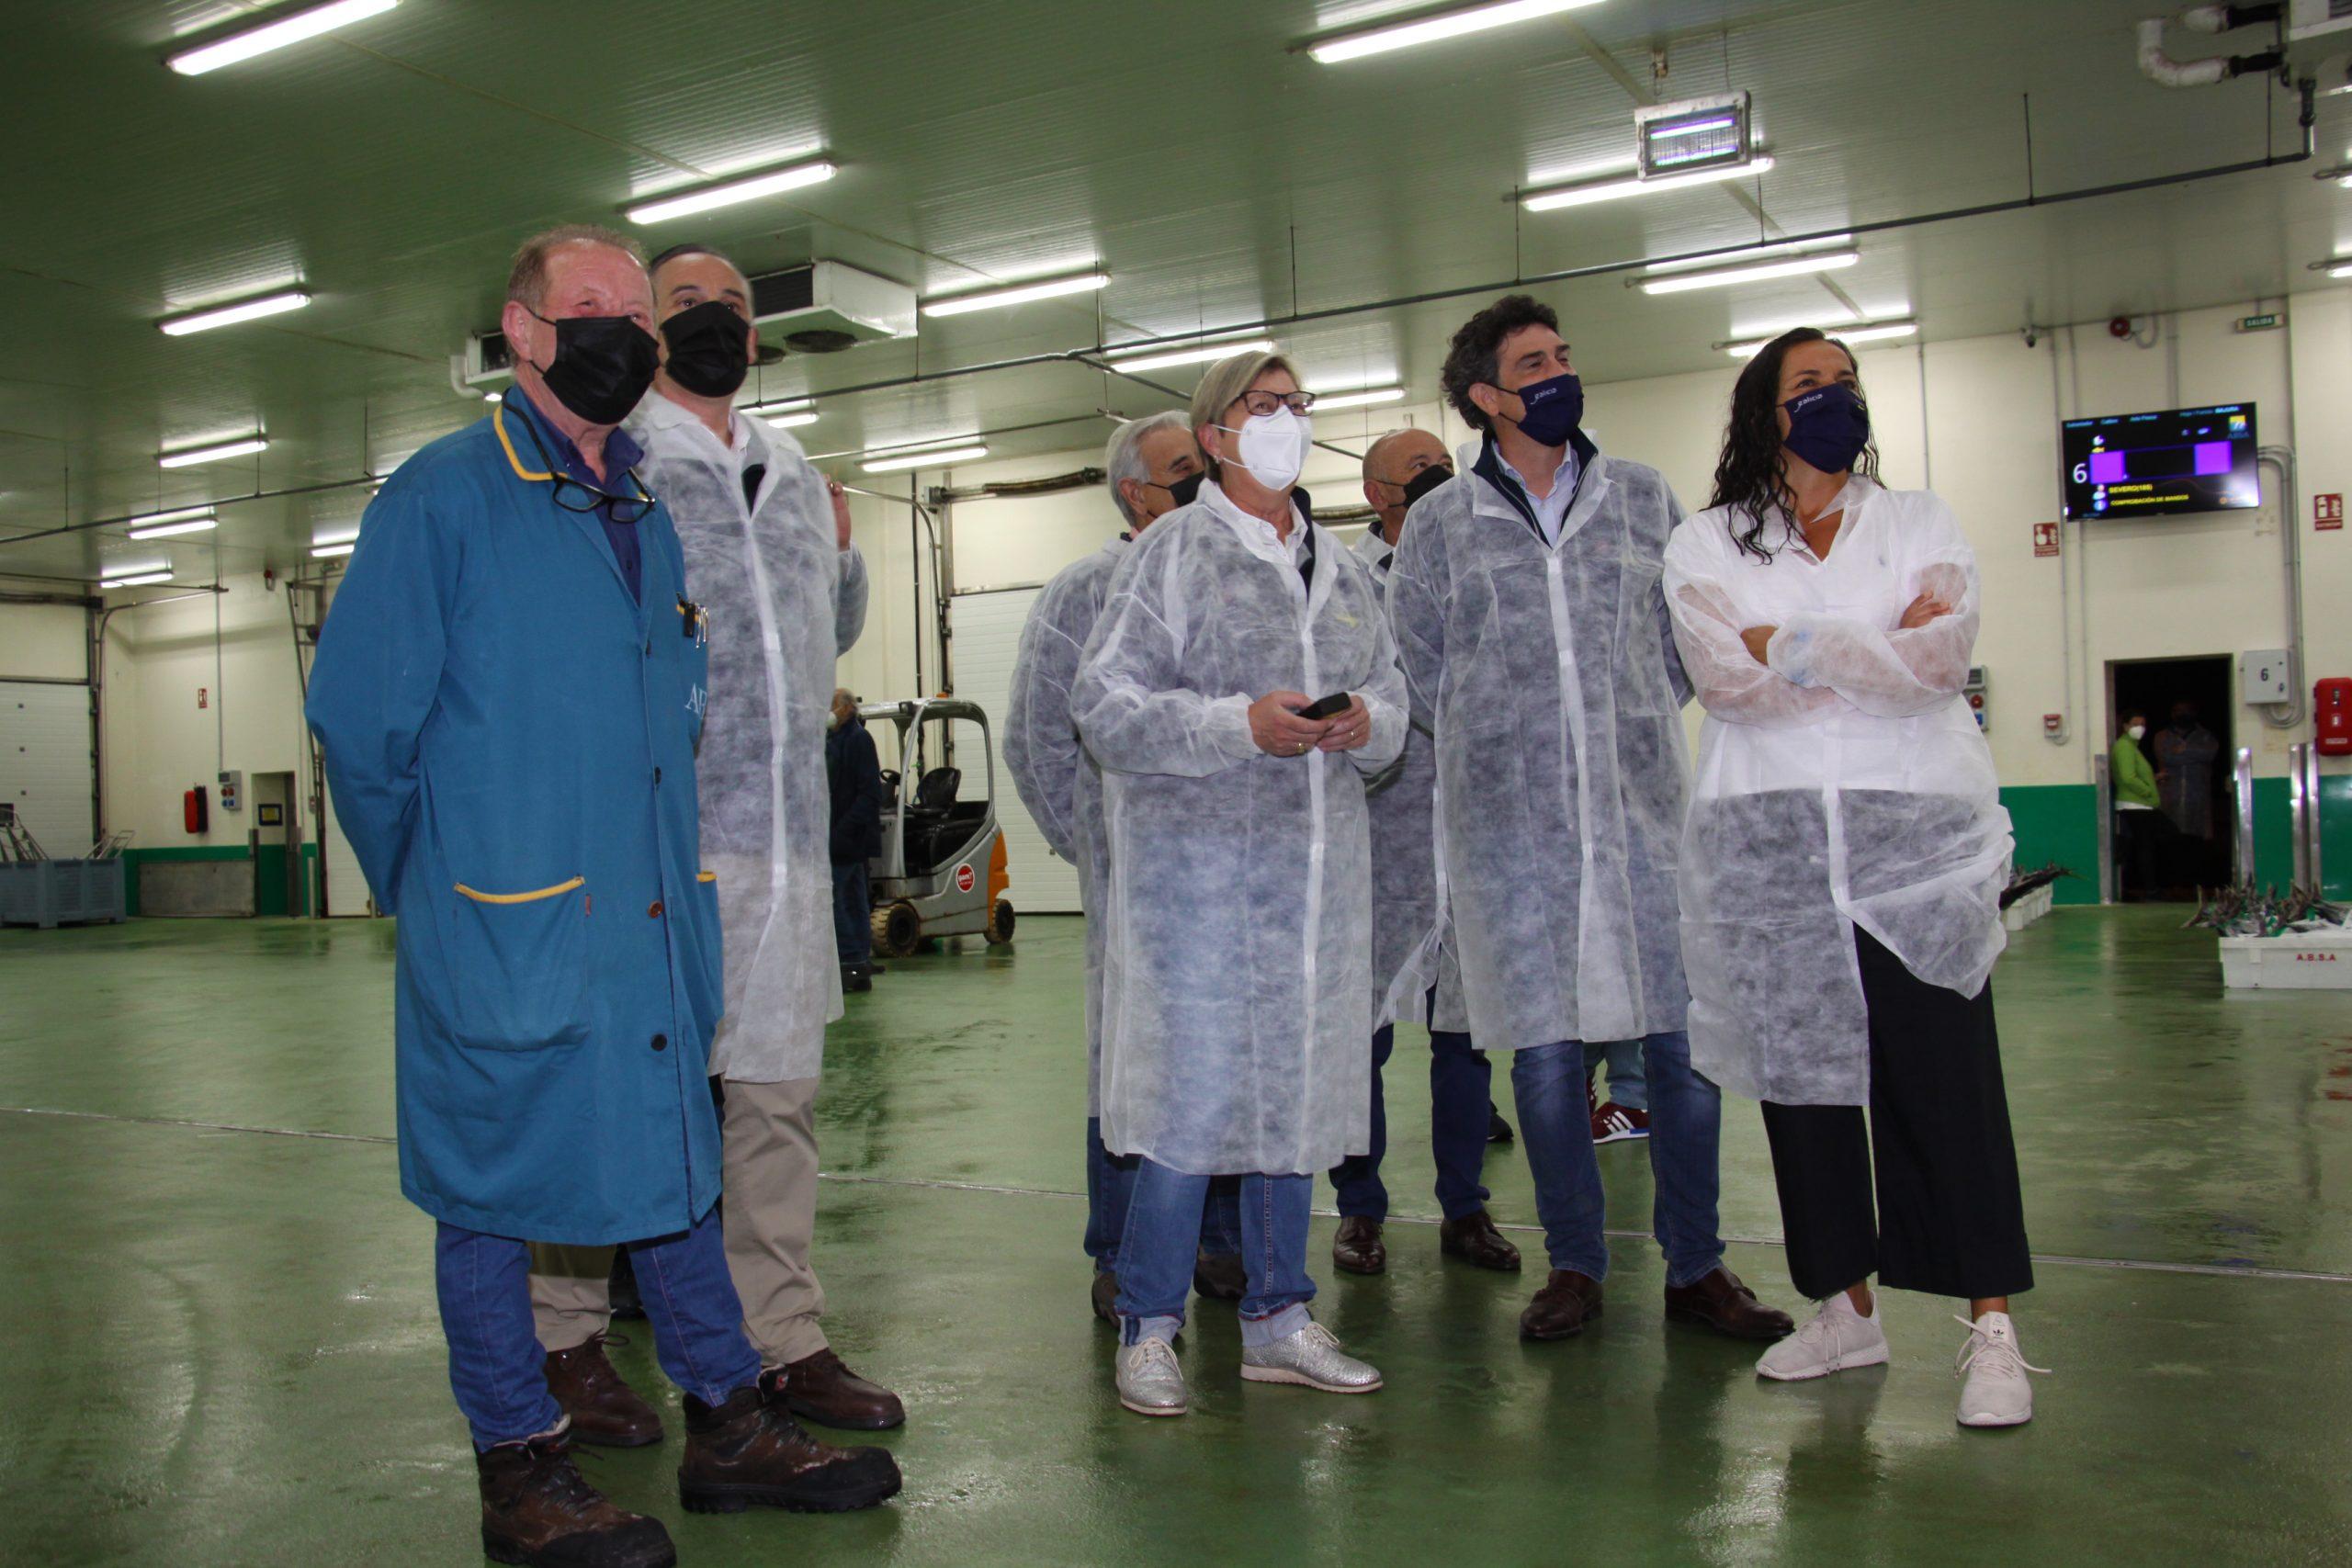 A Xunta constata a innovación da lonxa de Burela cun dos sistemas de poxa máis modernos e avanzados do mundo